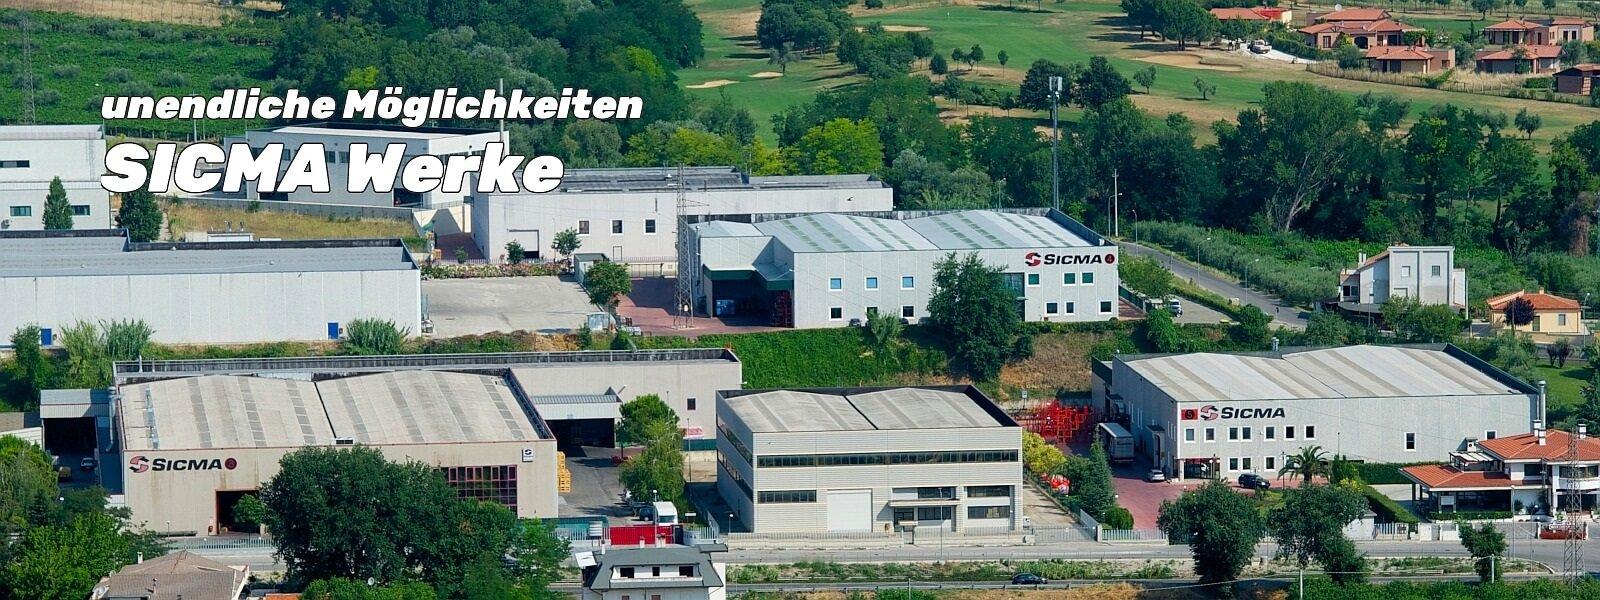 SICMA Werke